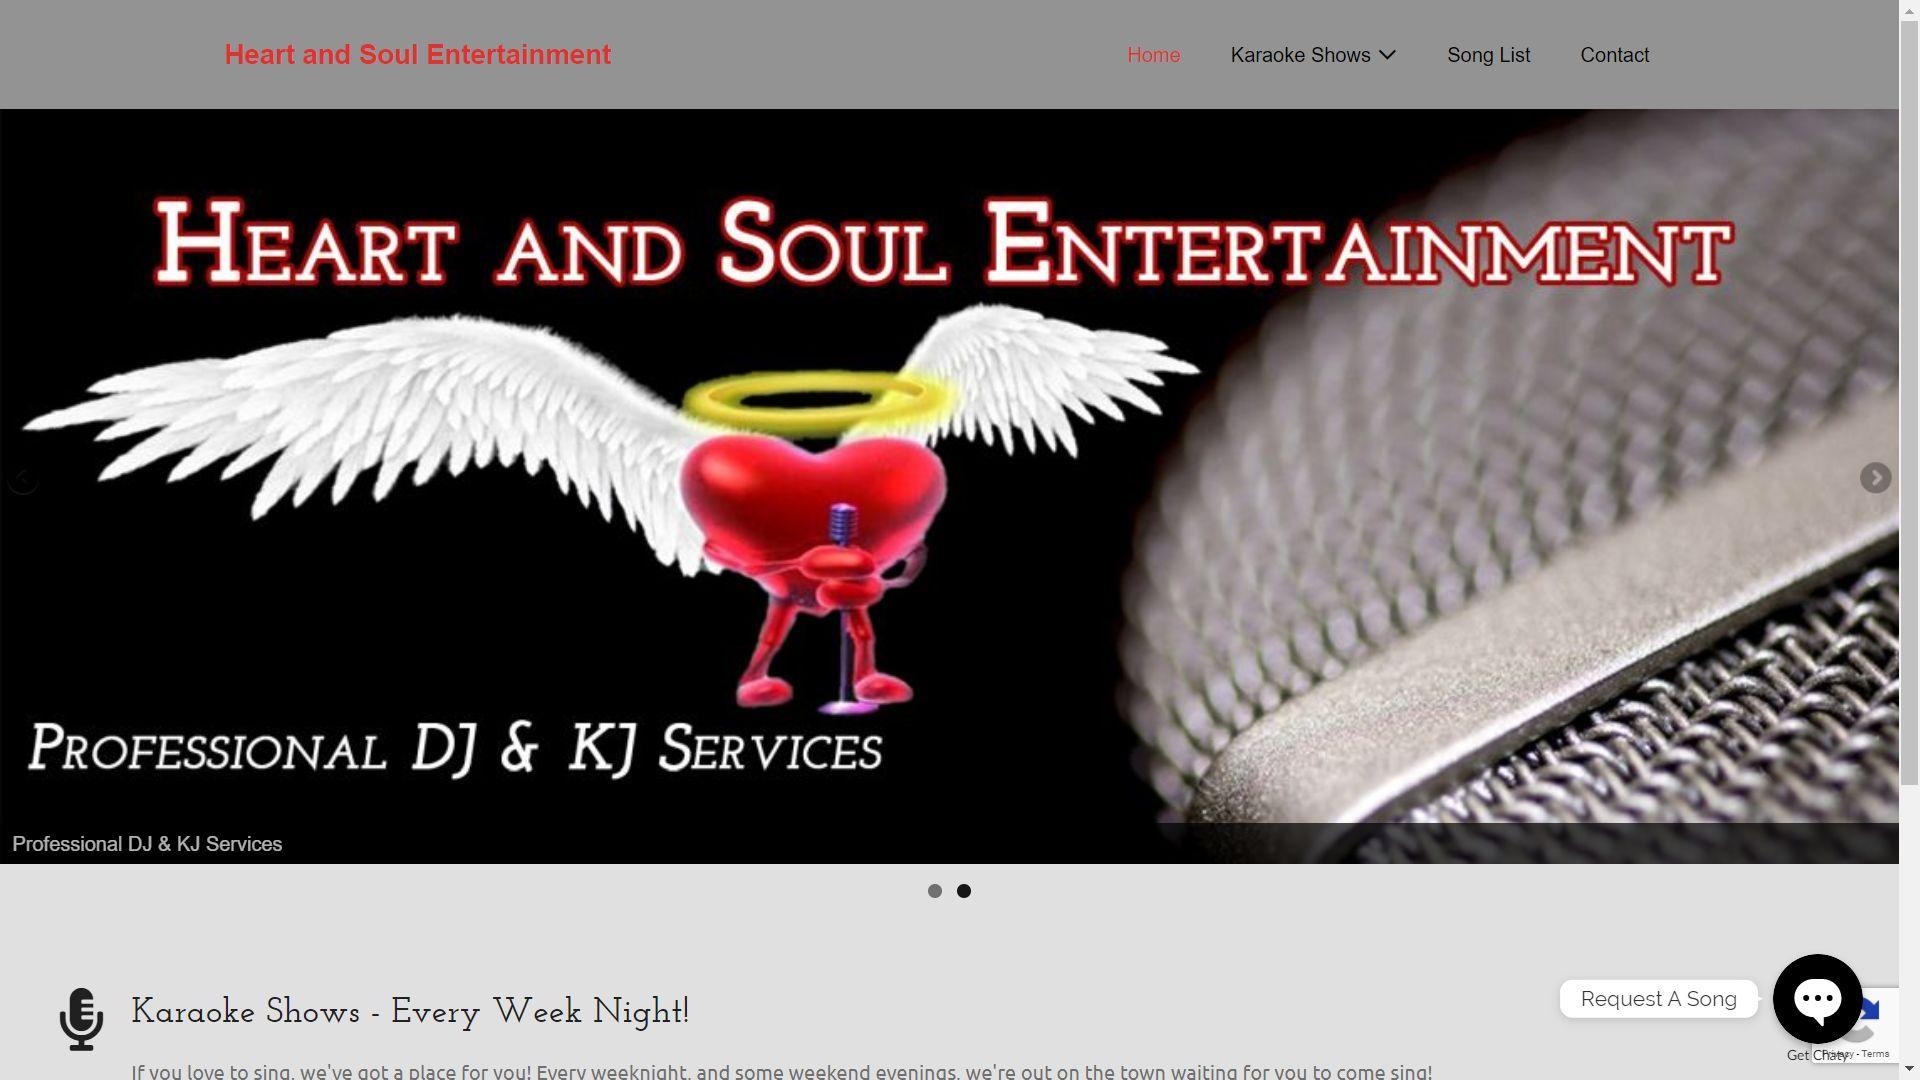 HeartAndSoulEntertainment.com